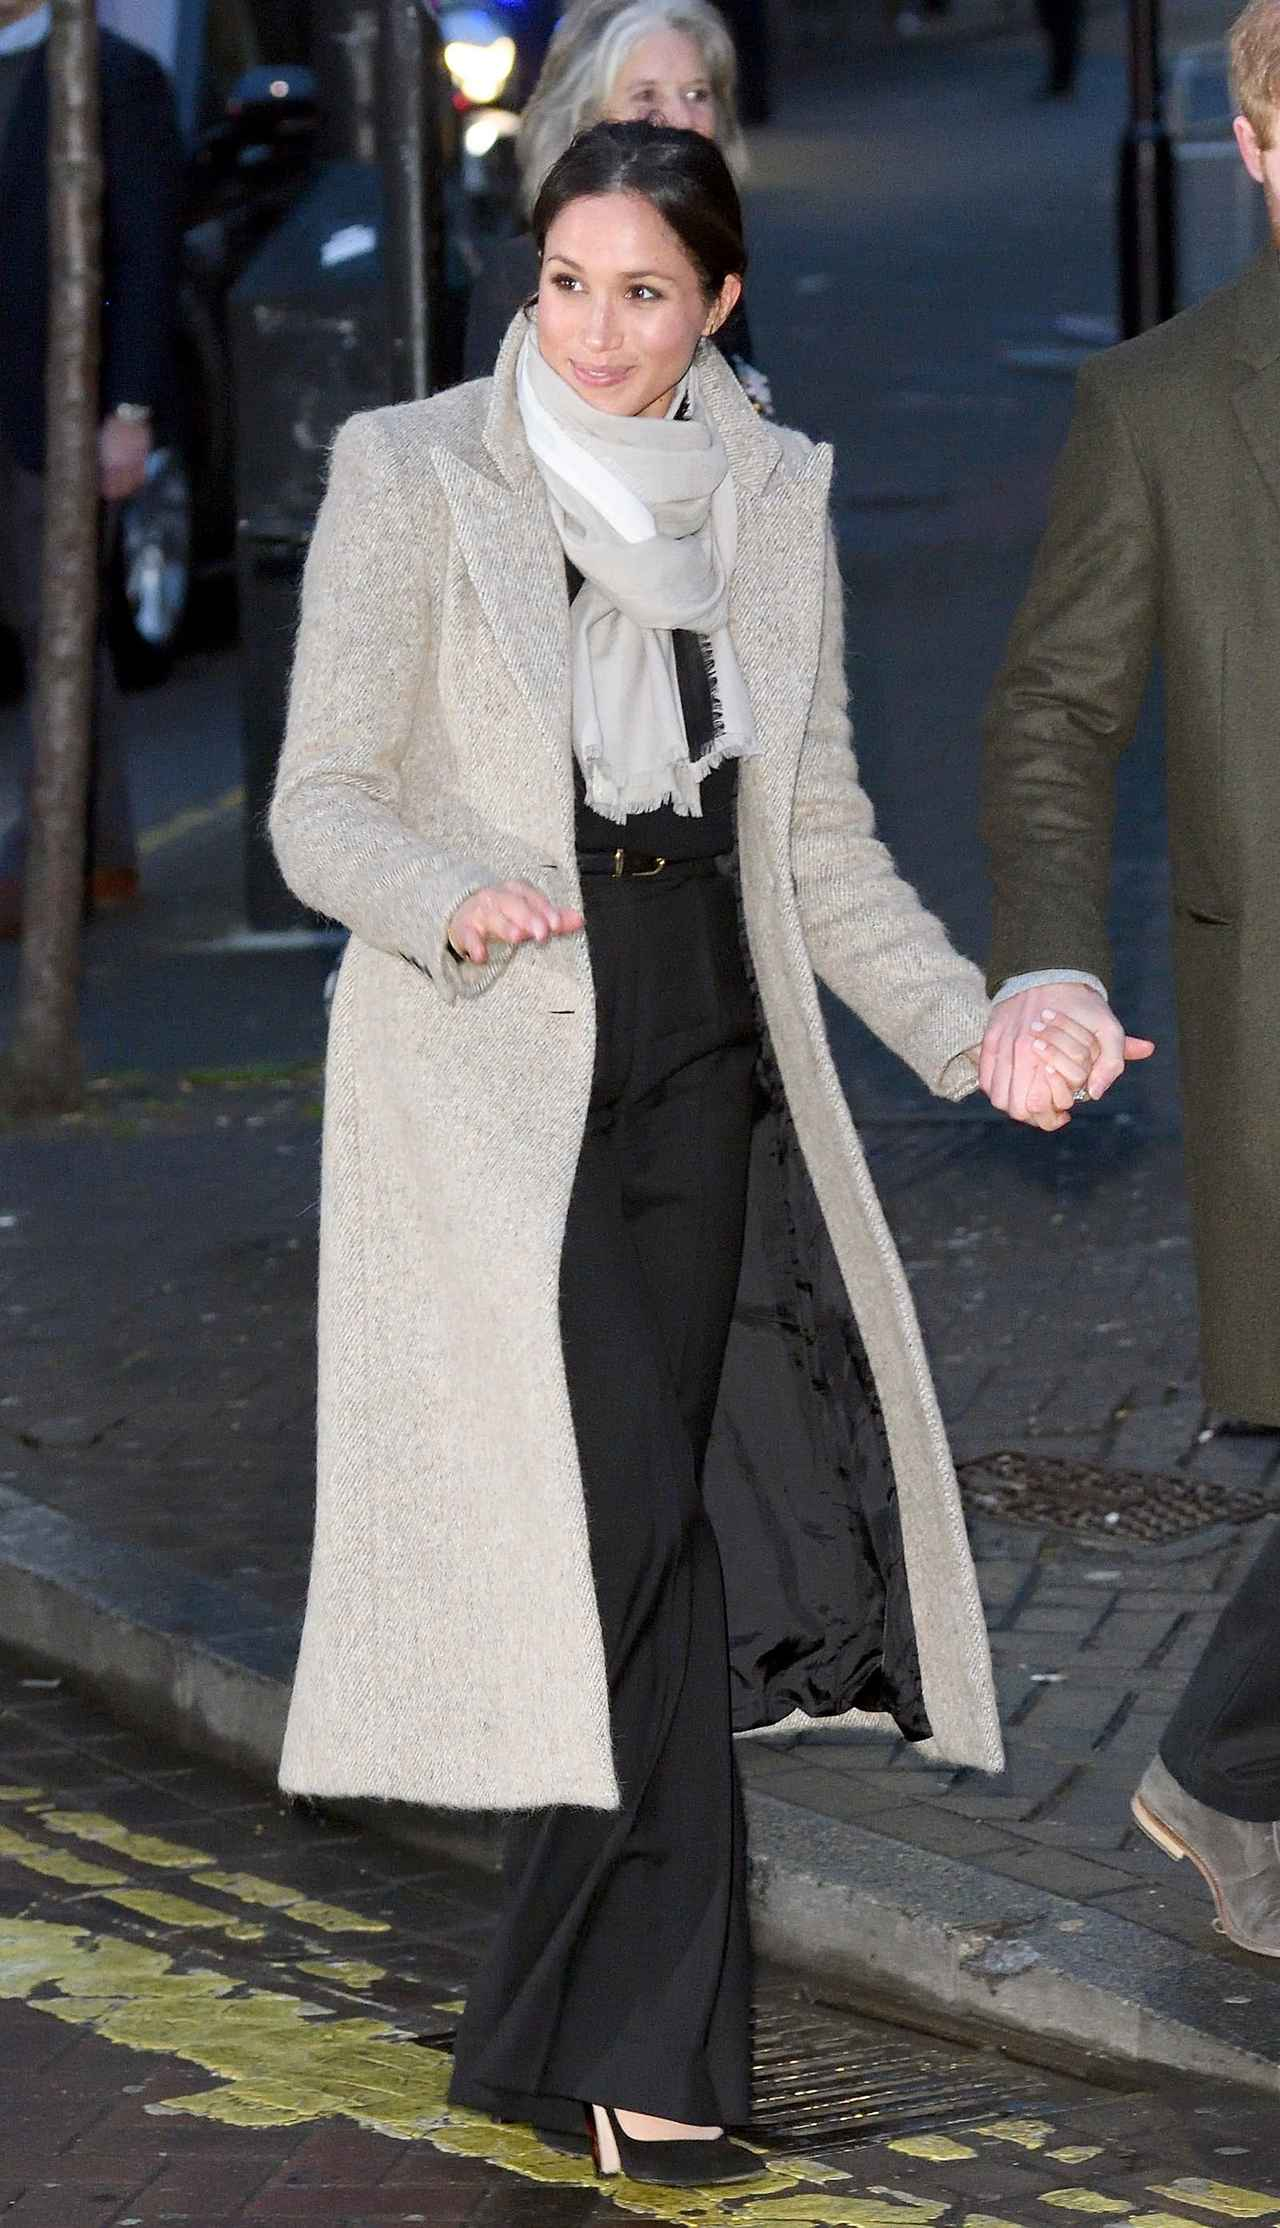 画像2: ロイヤル・ファミリーらしからぬファッションが注目